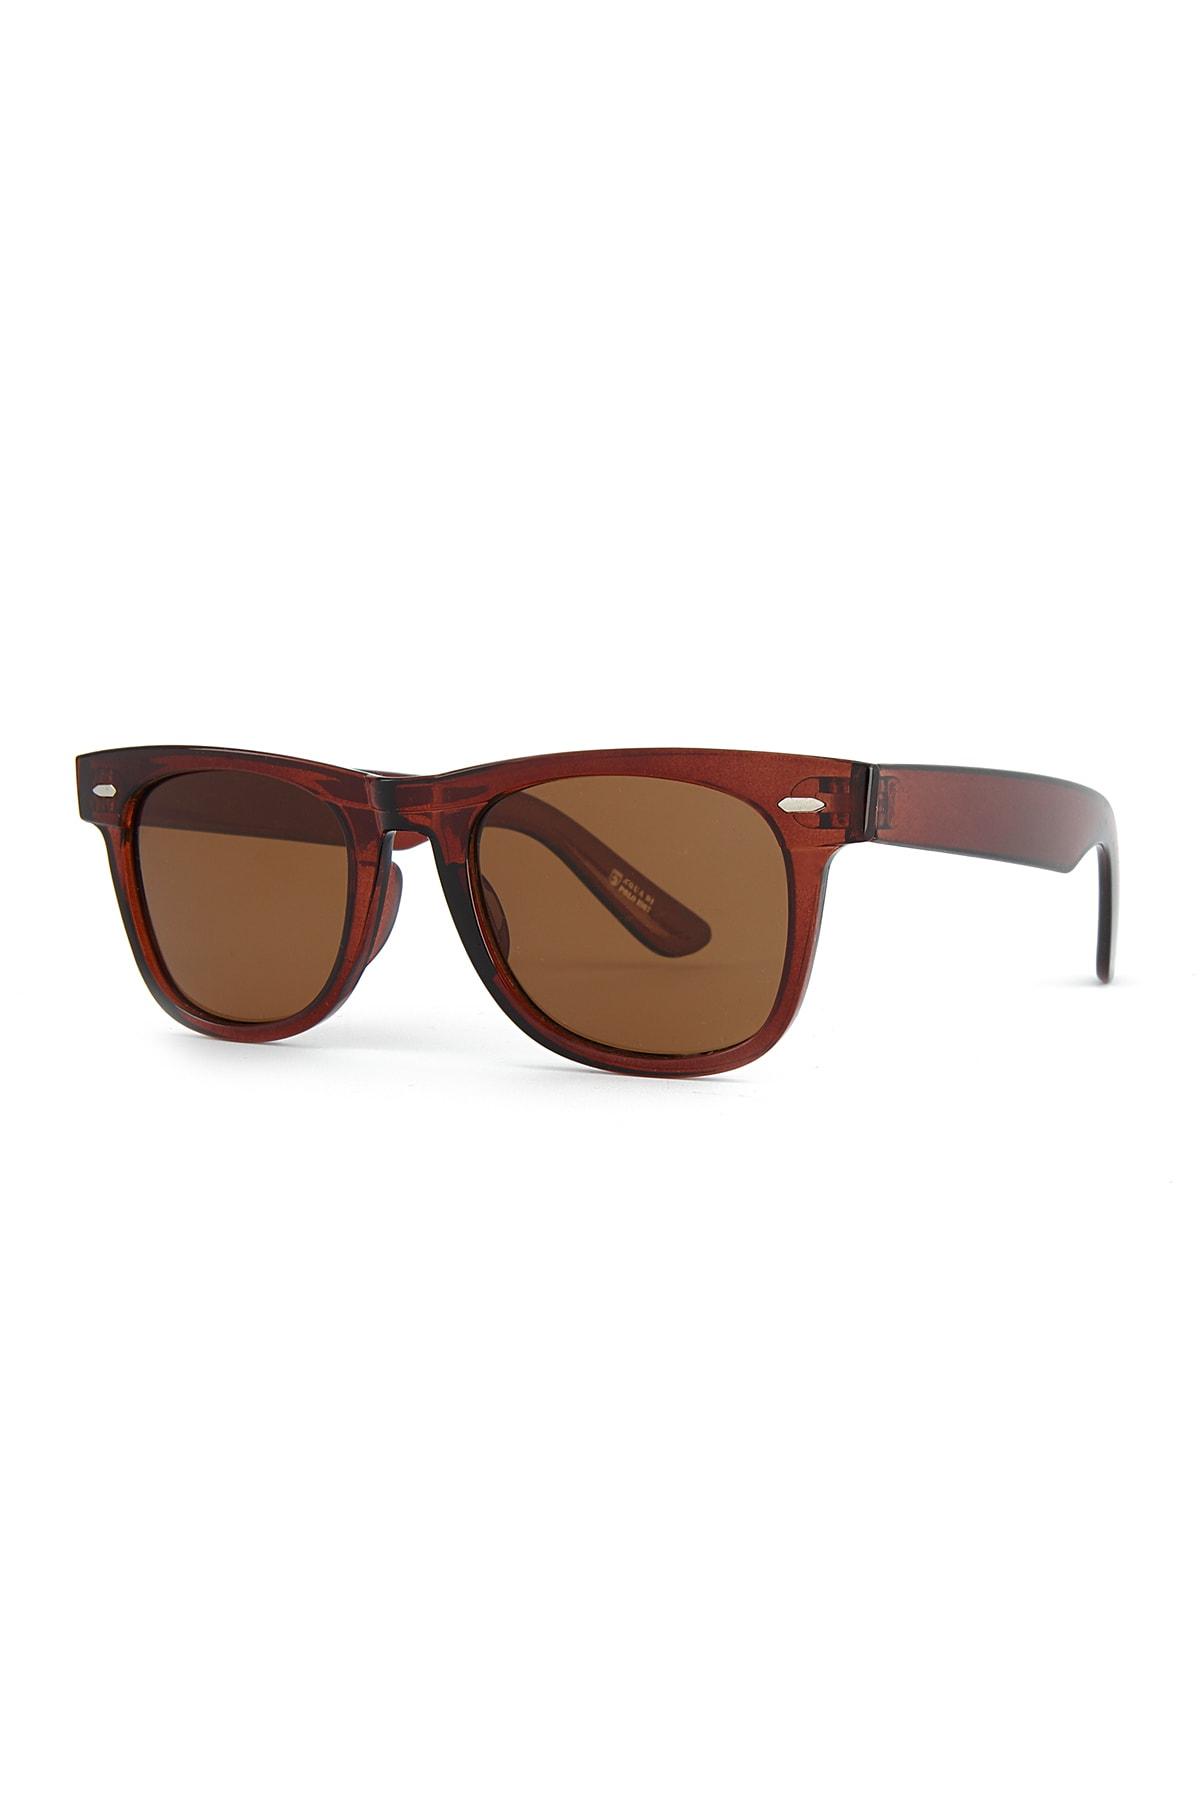 خرید عینک آفتابی  مارک Aqua Di Polo 1987 رنگ قهوه ای کد ty88881974